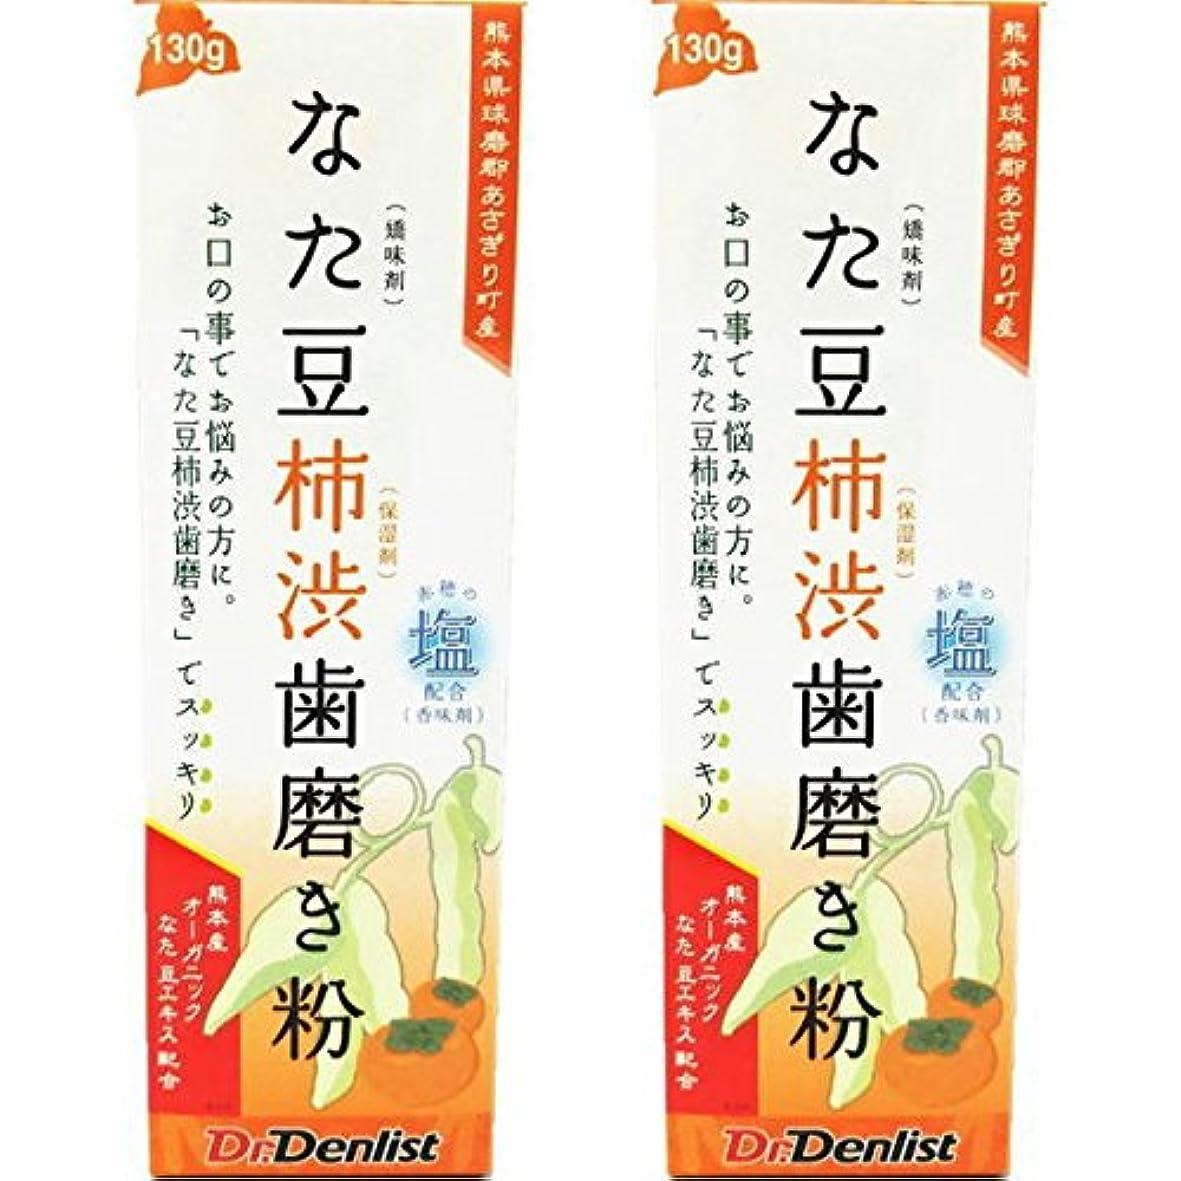 どちらかぐったり叙情的ななた豆柿渋歯磨き 130g 2個セット 国産 有機なた豆使用 赤穂の塩配合(香味剤)